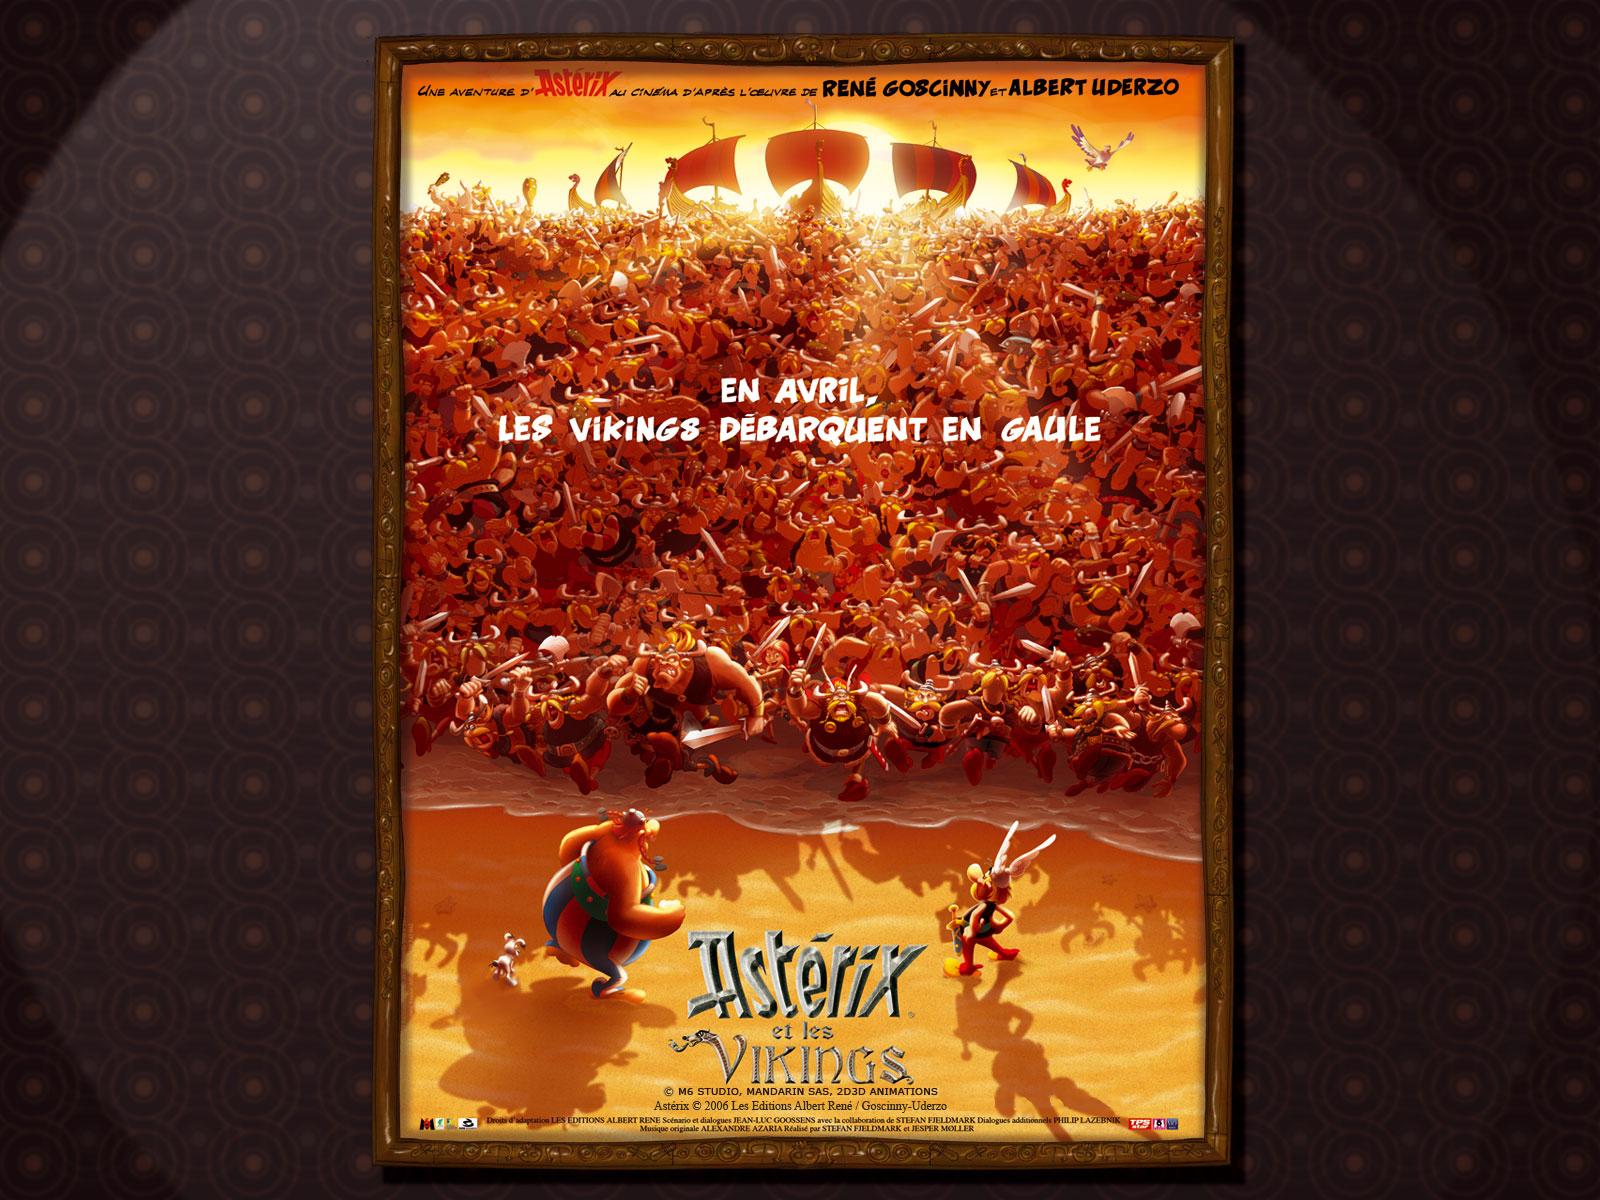 Wallpaper Astérix et les Vikings bataille